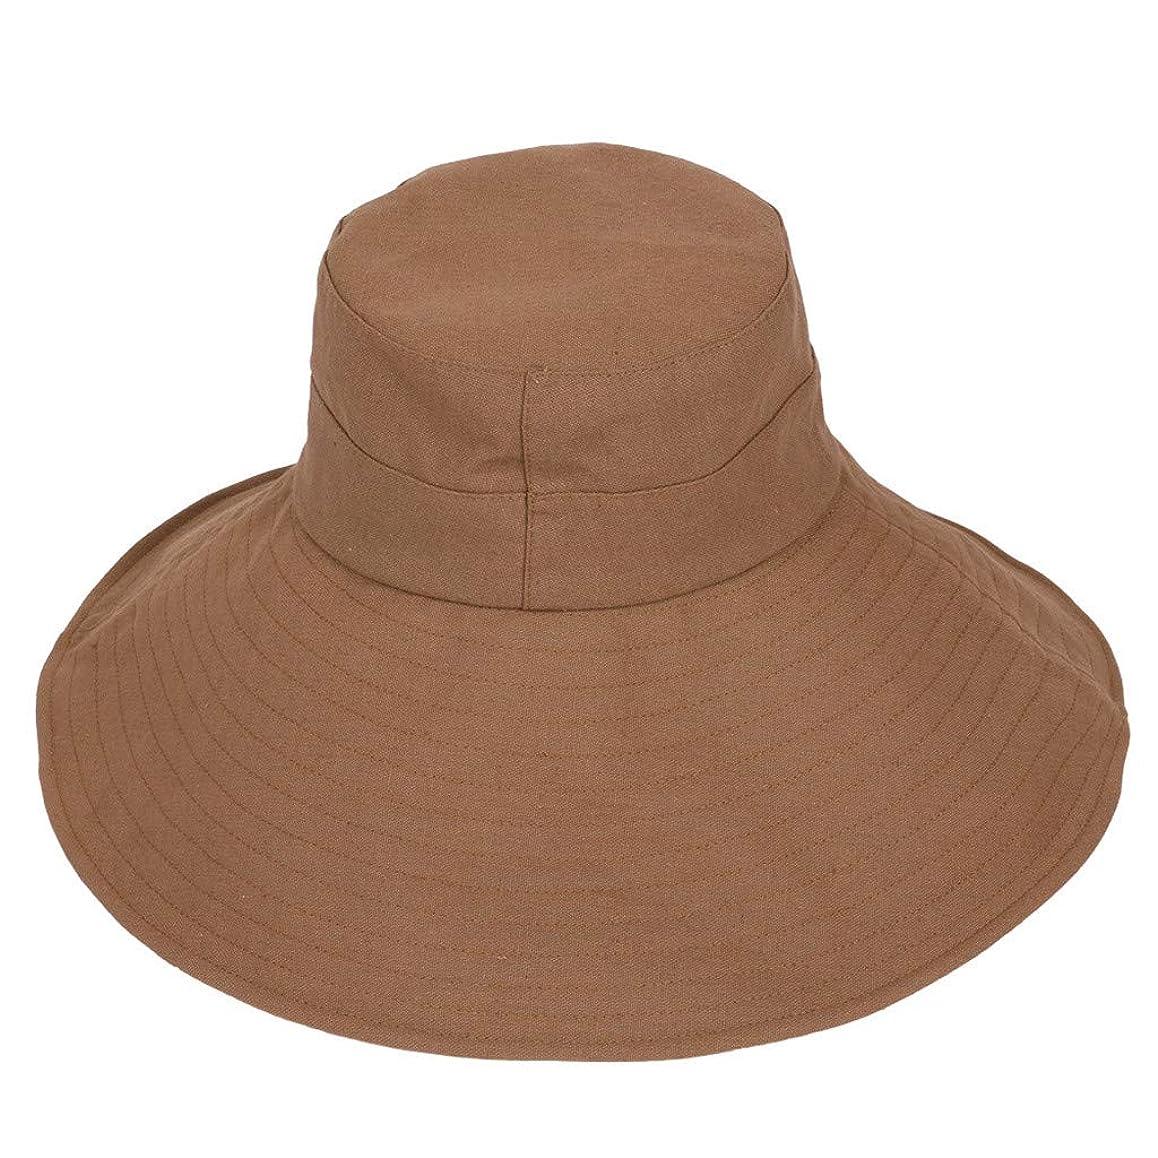 置換エクステント自分を引き上げる漁師帽 ROSE ROMAN 帽子 レディース UVカット 帽子 UV帽子 日焼け防止 軽量 熱中症予防 取り外すあご紐 つば広 おしゃれ 可愛い 夏季 海 旅行 無地 ワイルド カジュアル スタイル ファッション シンプル 発送